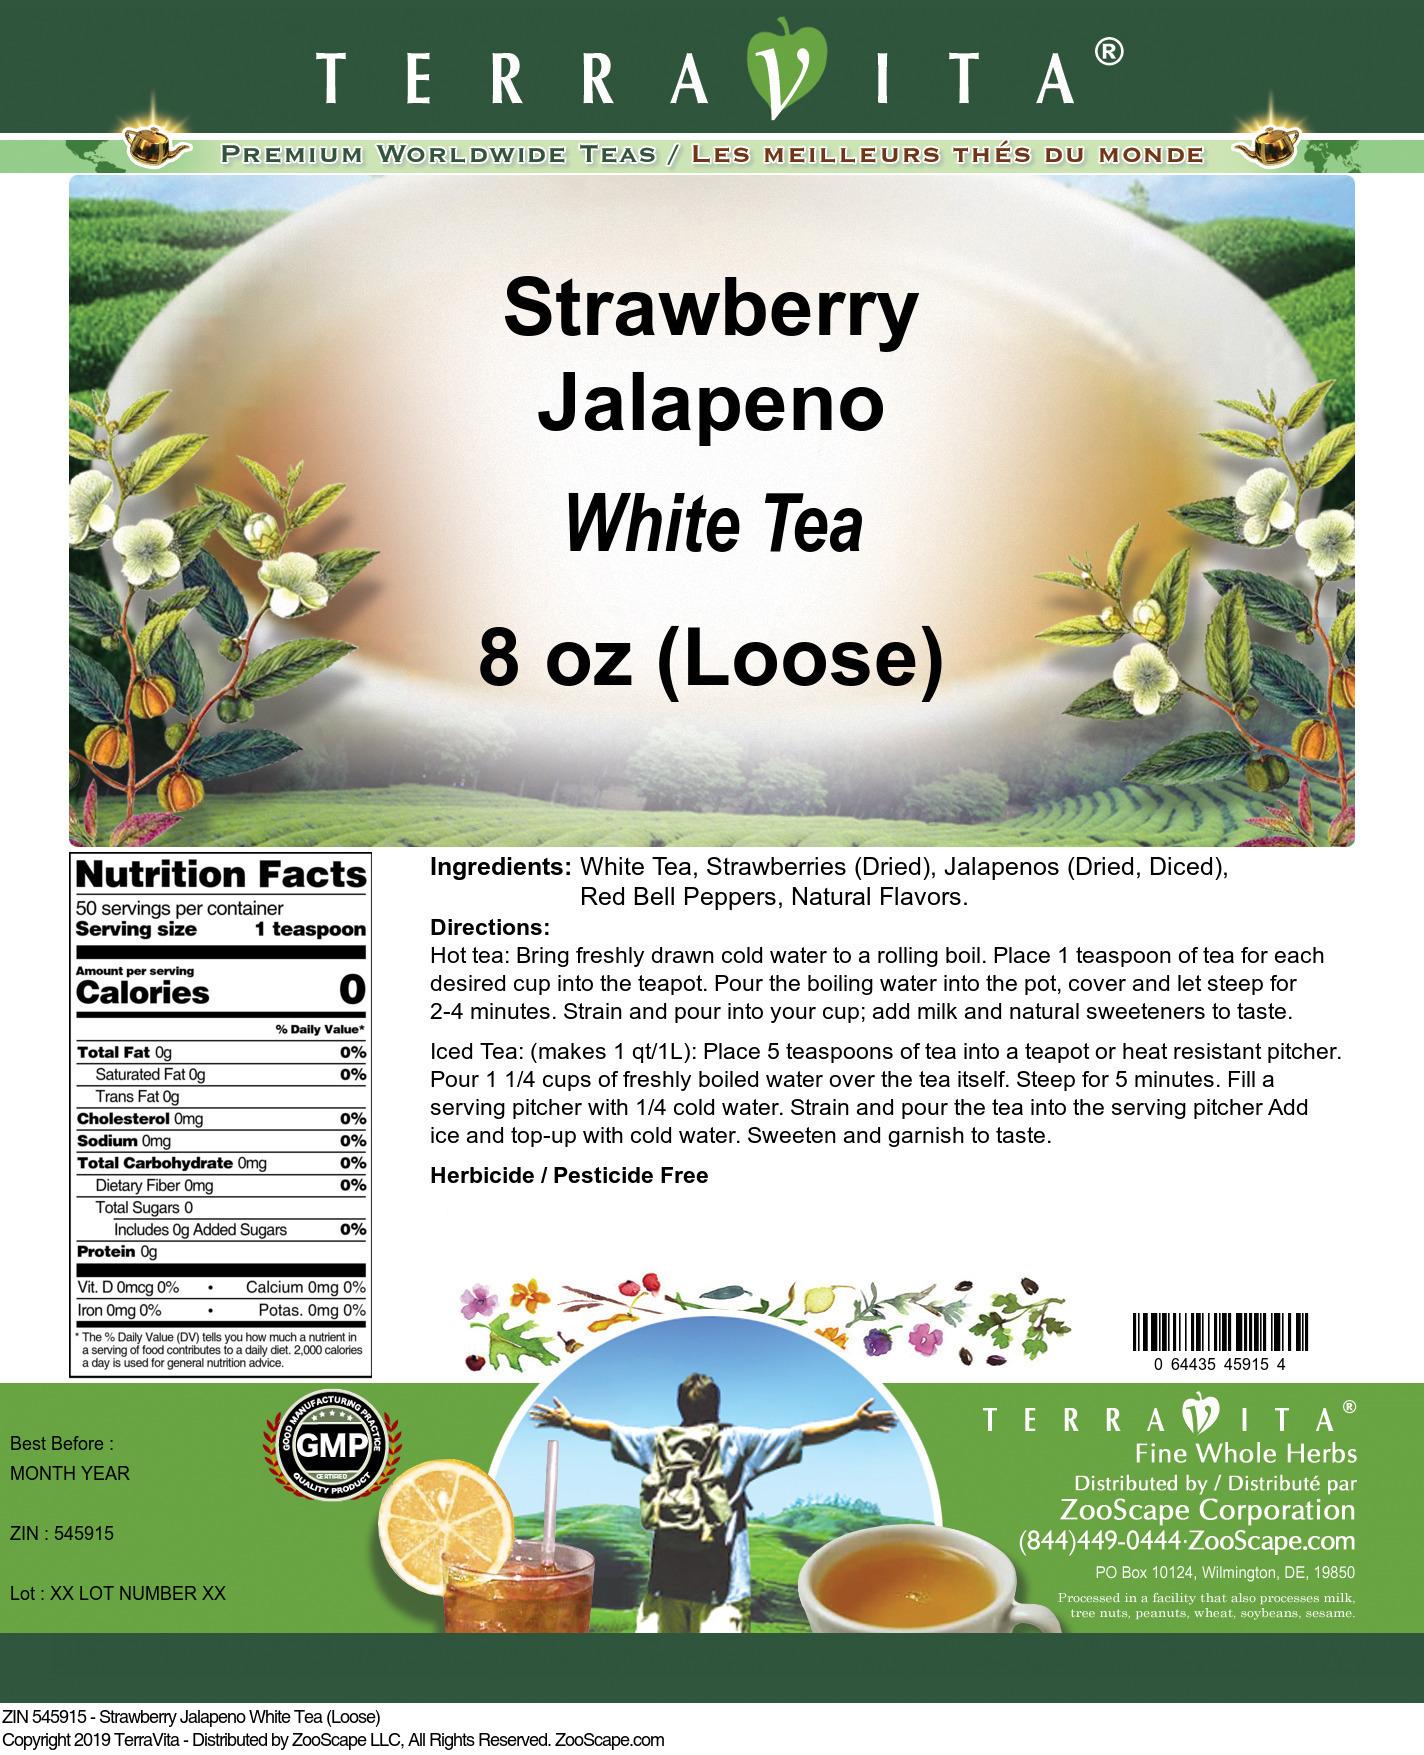 Strawberry Jalapeno White Tea